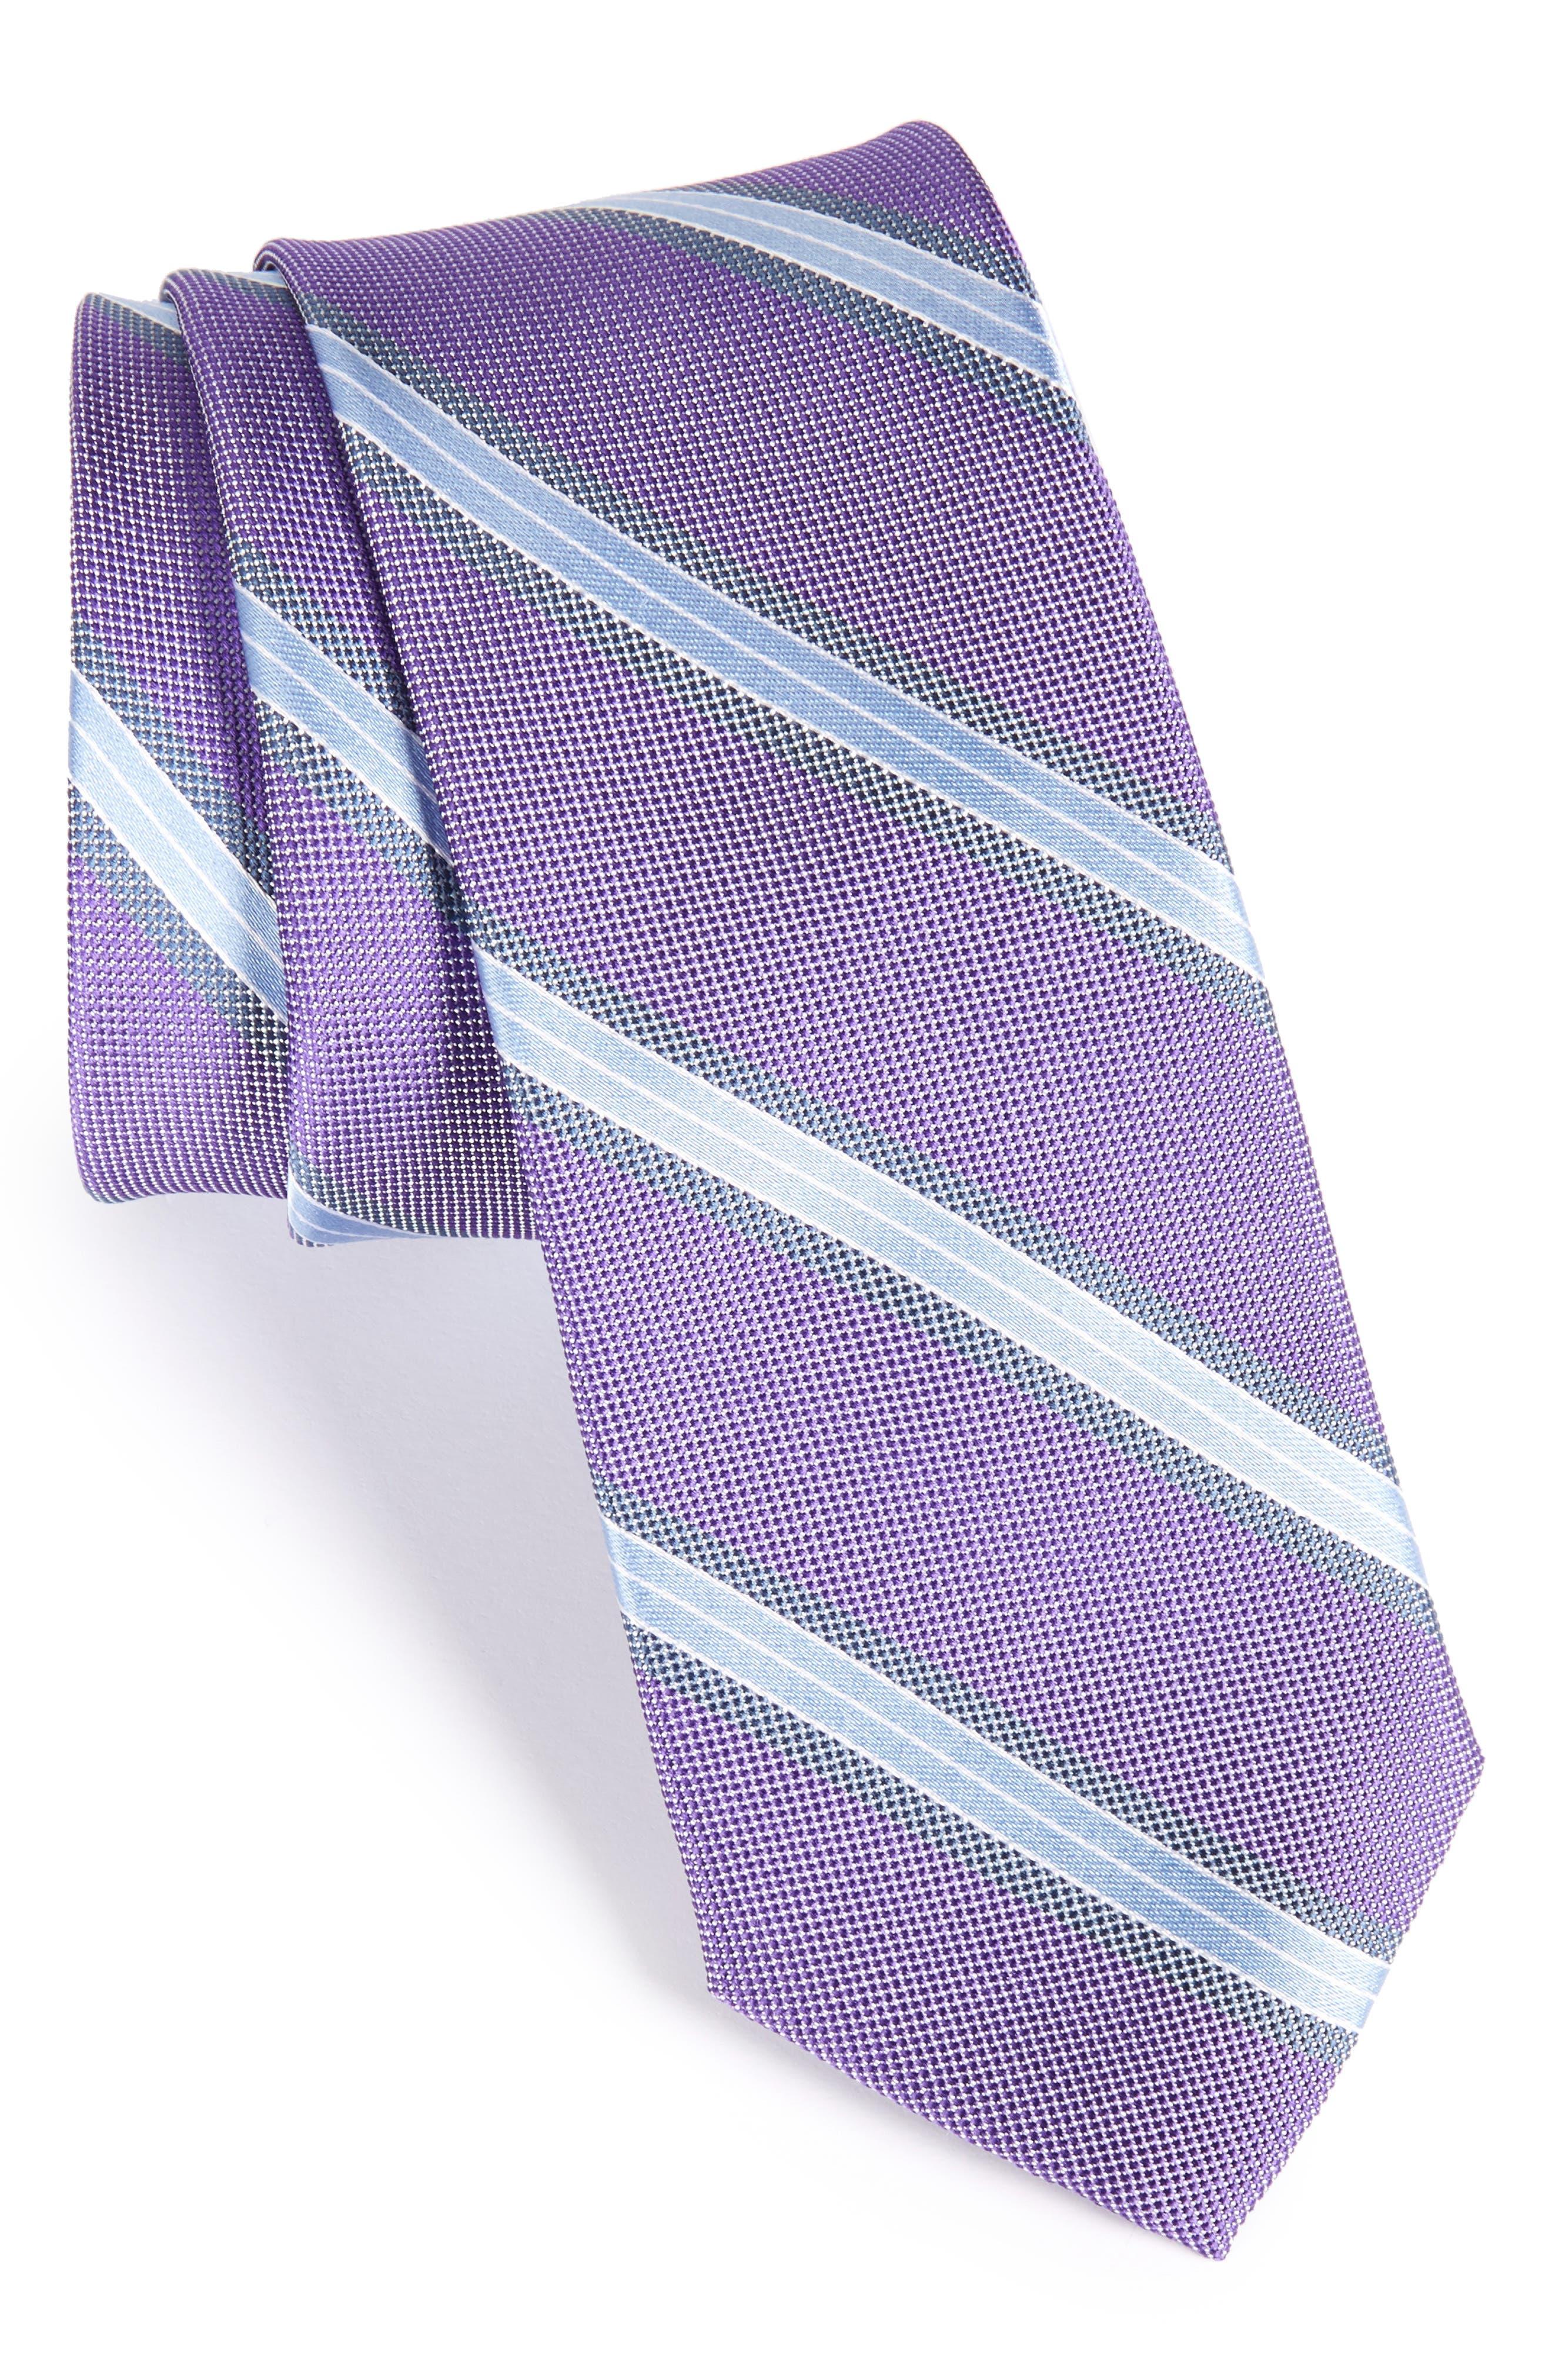 Main Image - Nordstrom Men's Shop Stripe Silk Skinny Tie